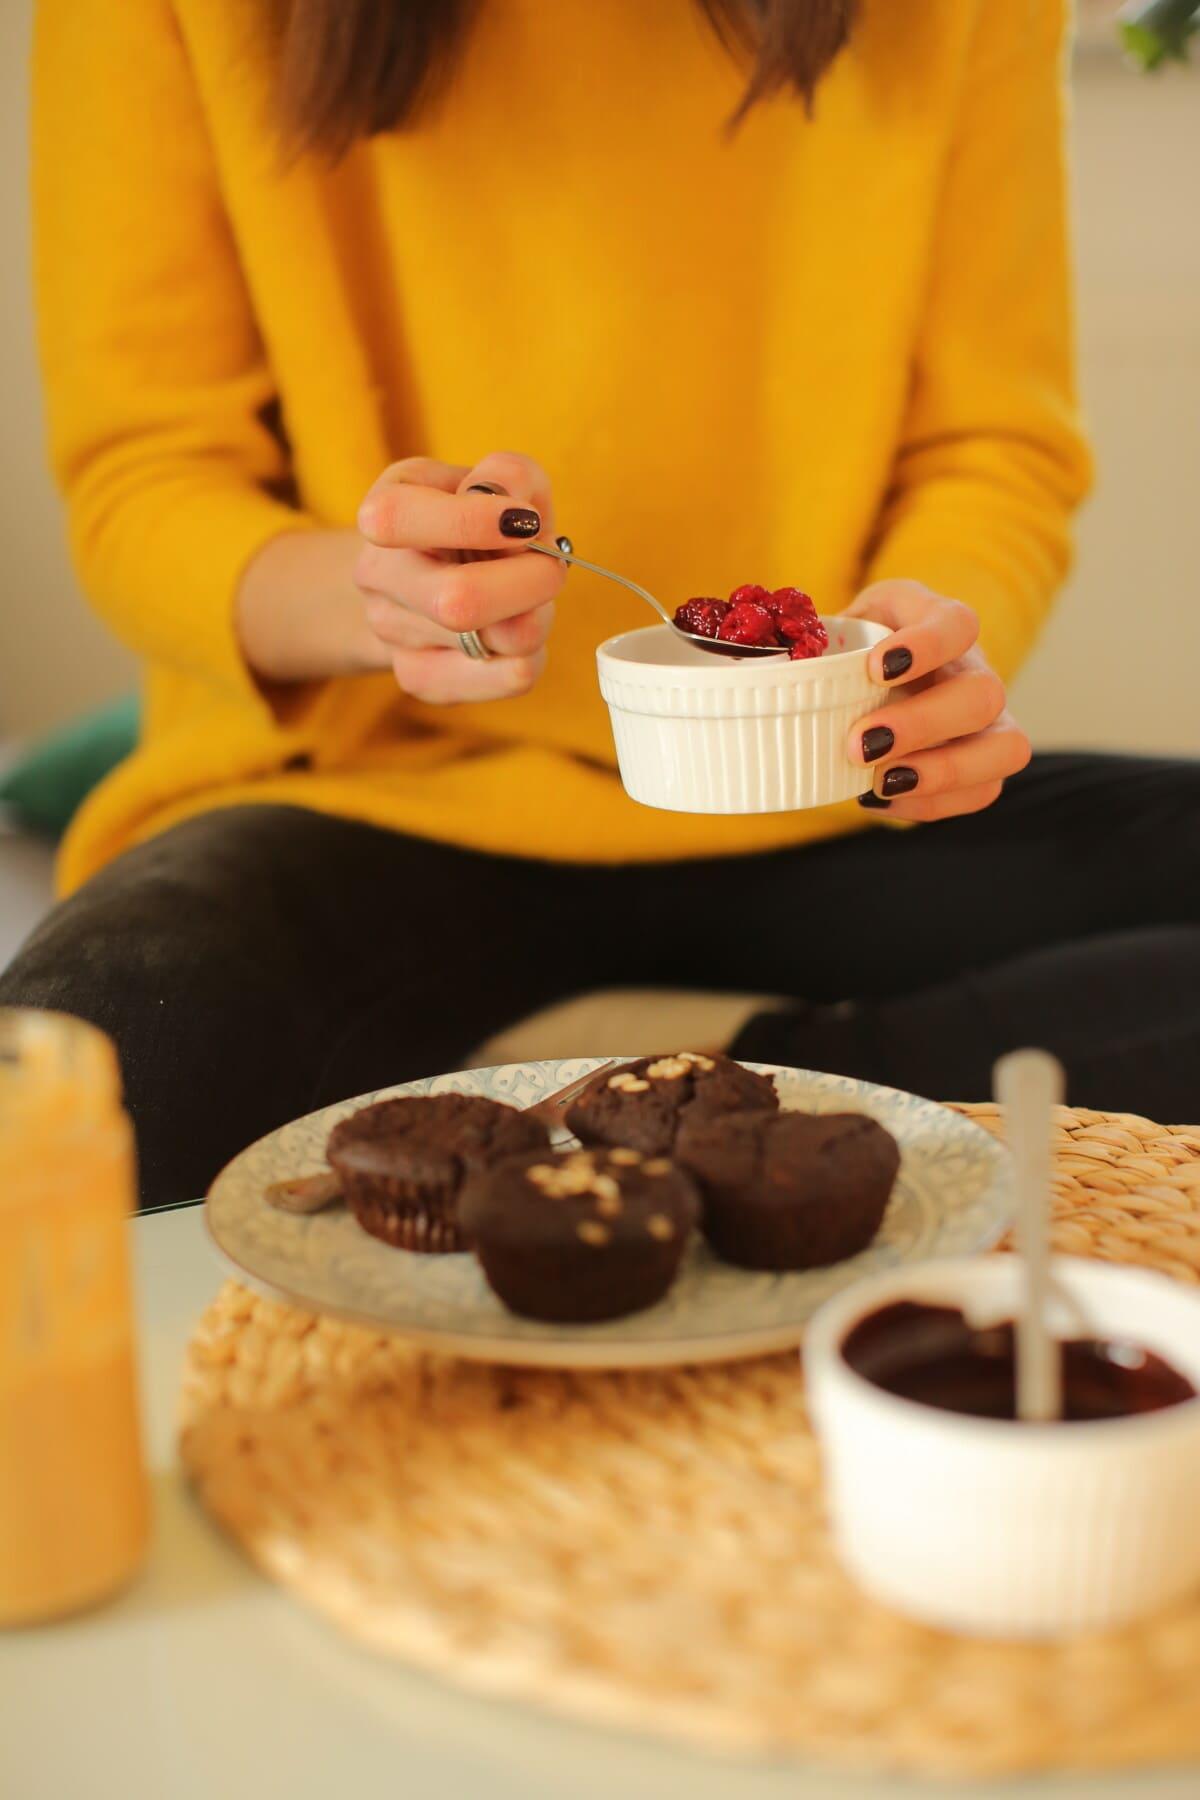 berries, cupcake, breakfast, food, meal, chocolate, indoors, woman, sugar, tea